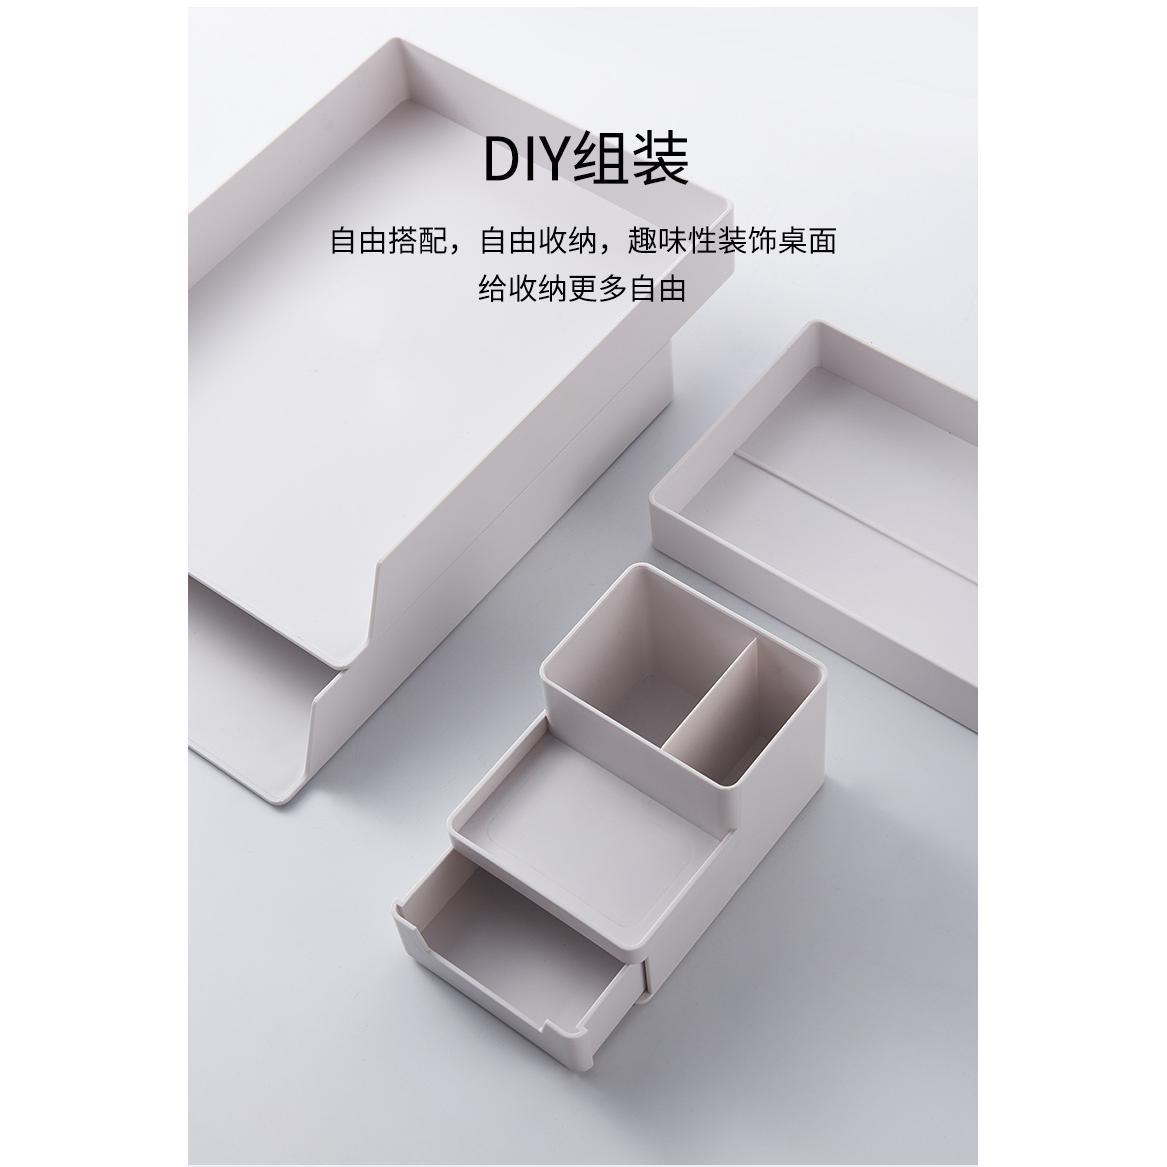 疊加抽拉A4文件收納盒辦公桌收納筐資料整理架桌面檔案文具收納架(小收納盒)